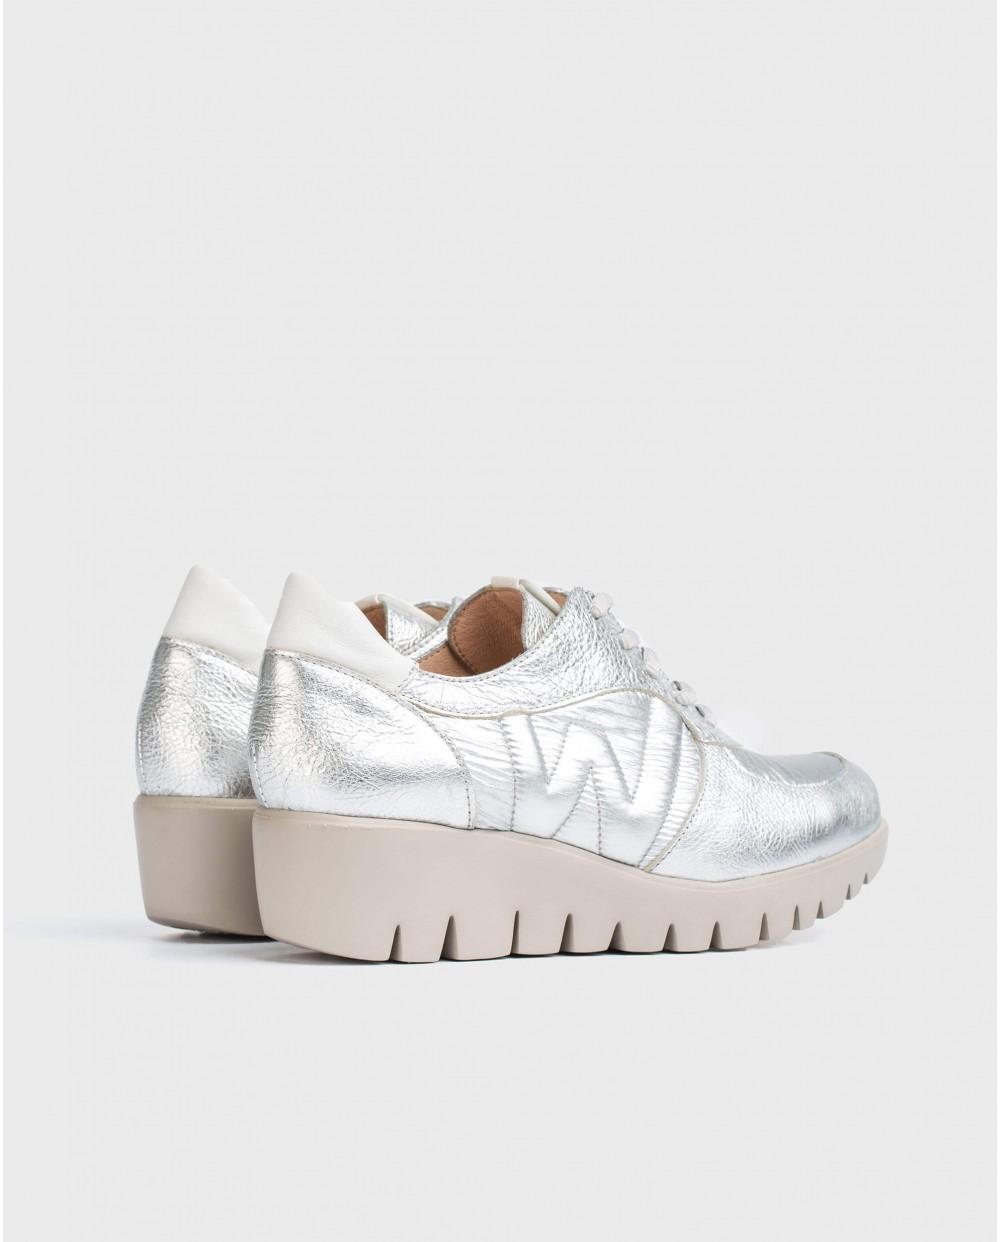 Wonders-Women-Leather platform sneaker